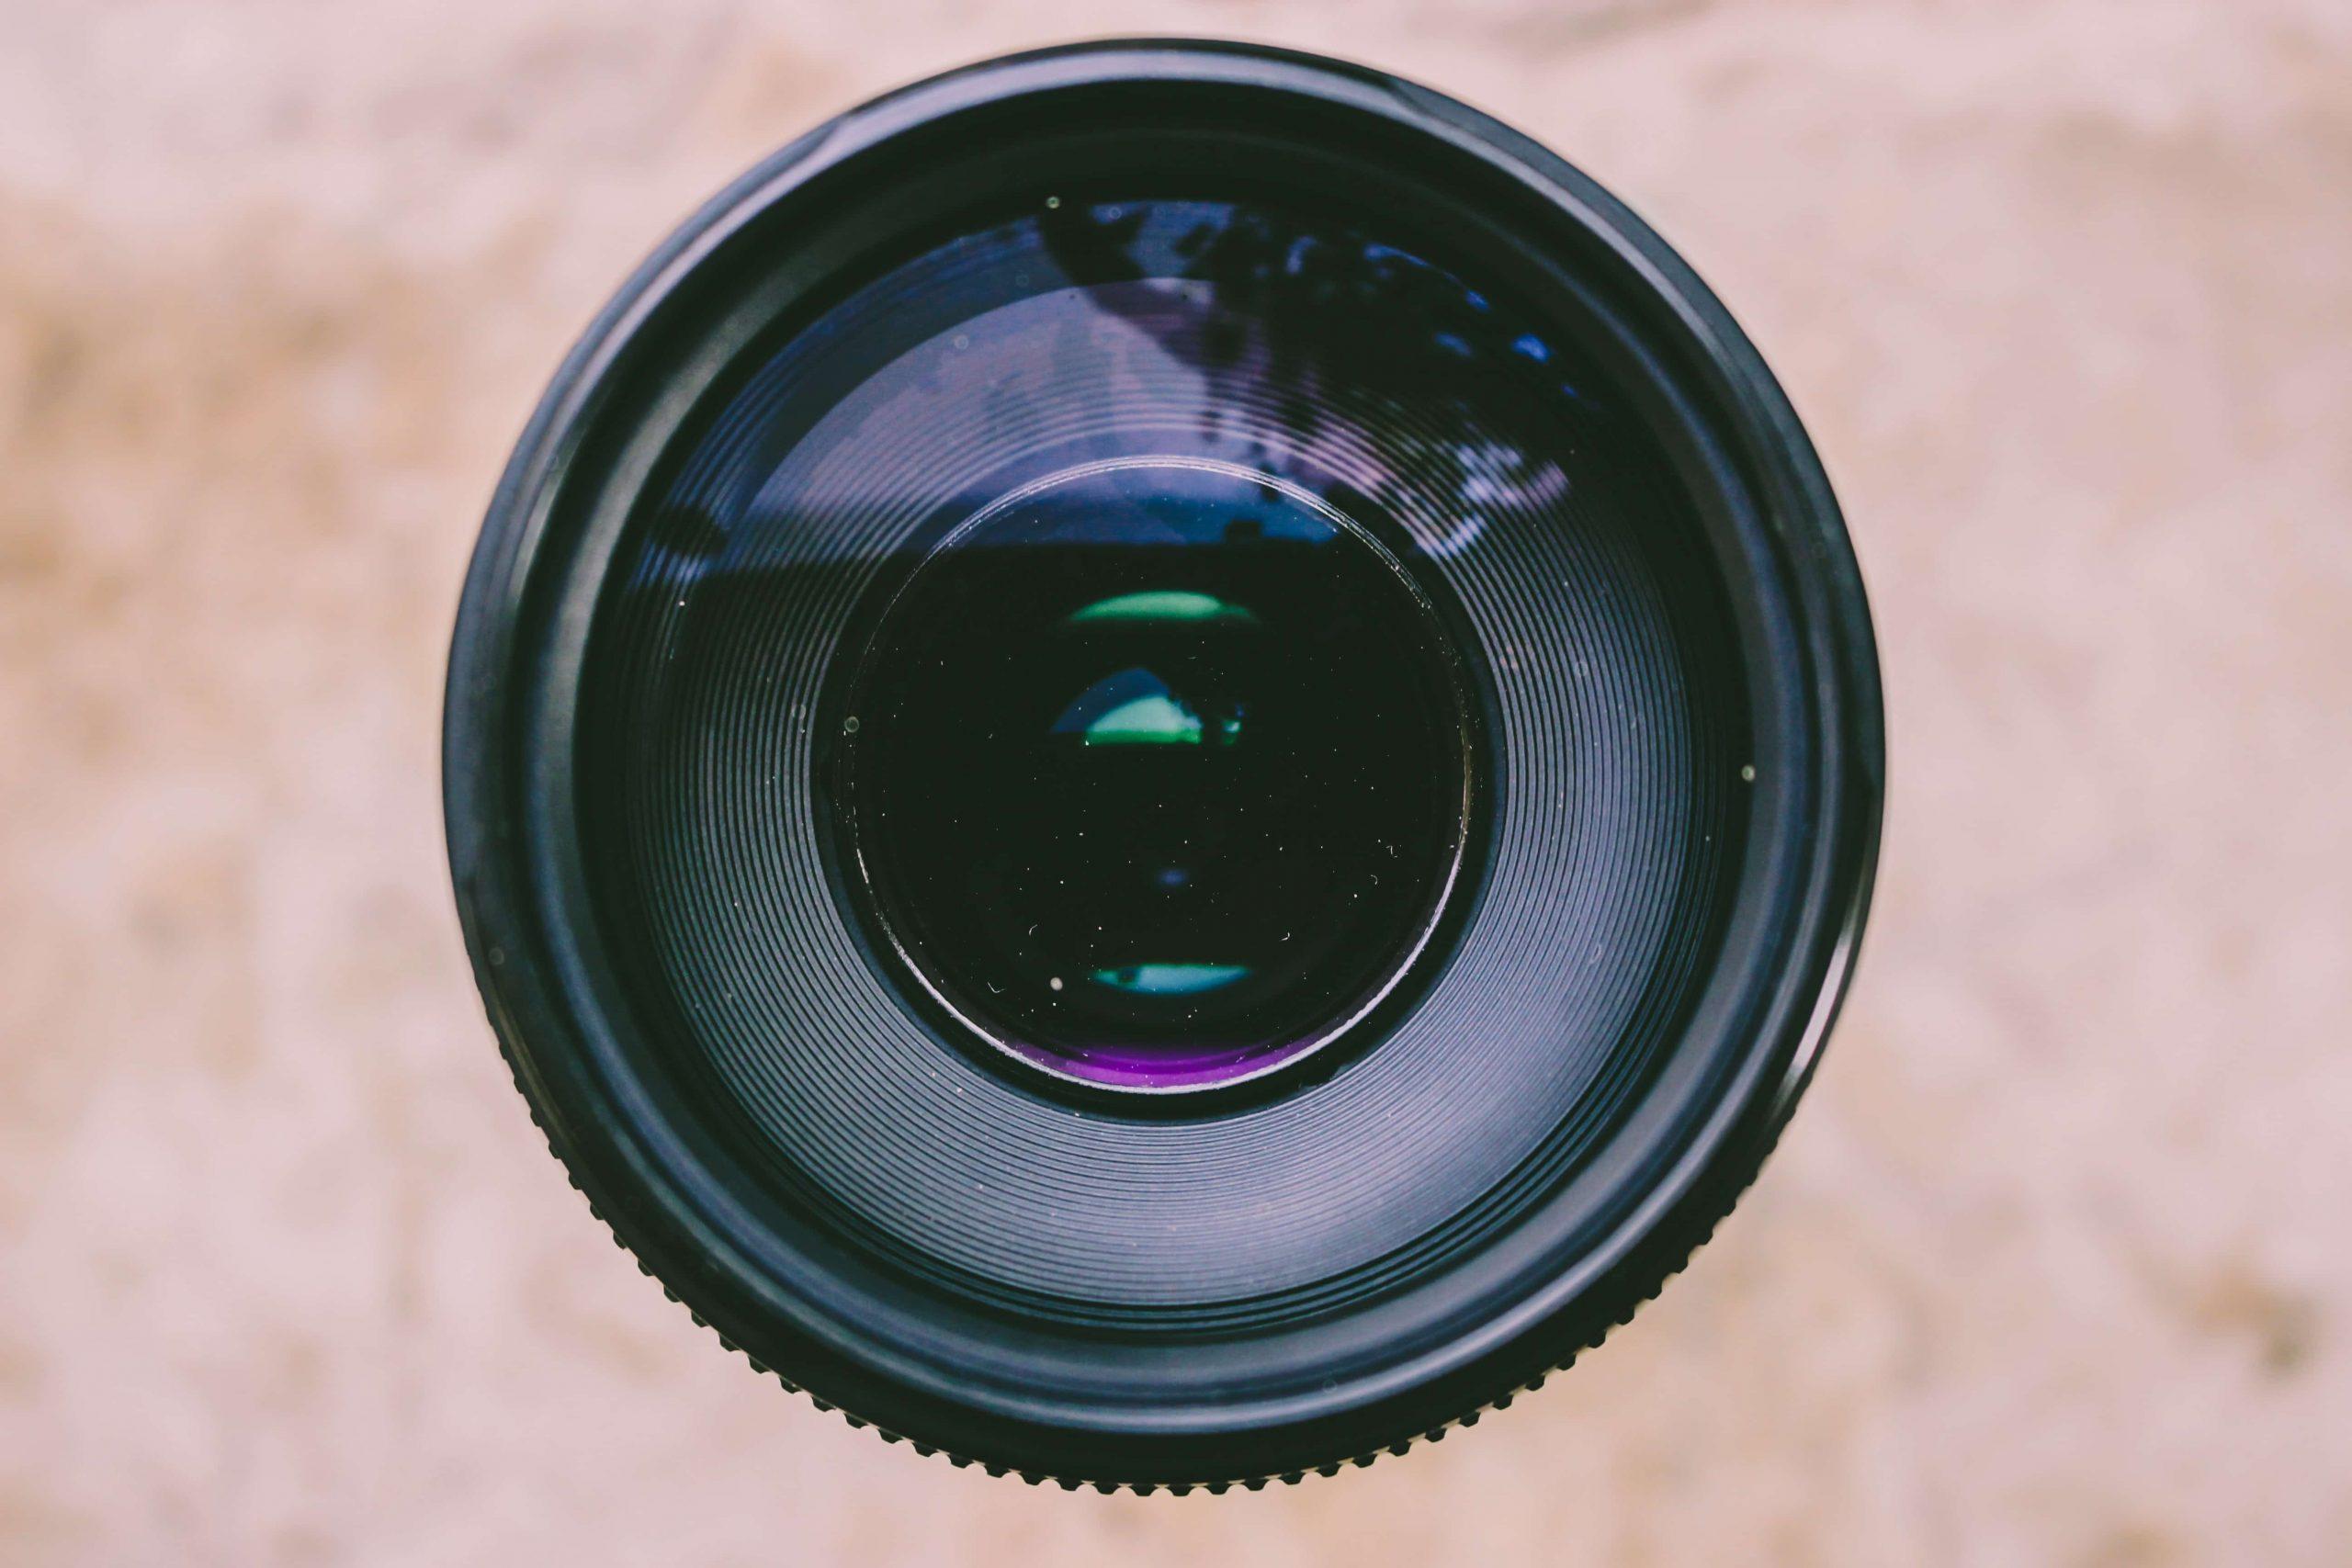 Graba tus vídeos de empresa con tu webcam